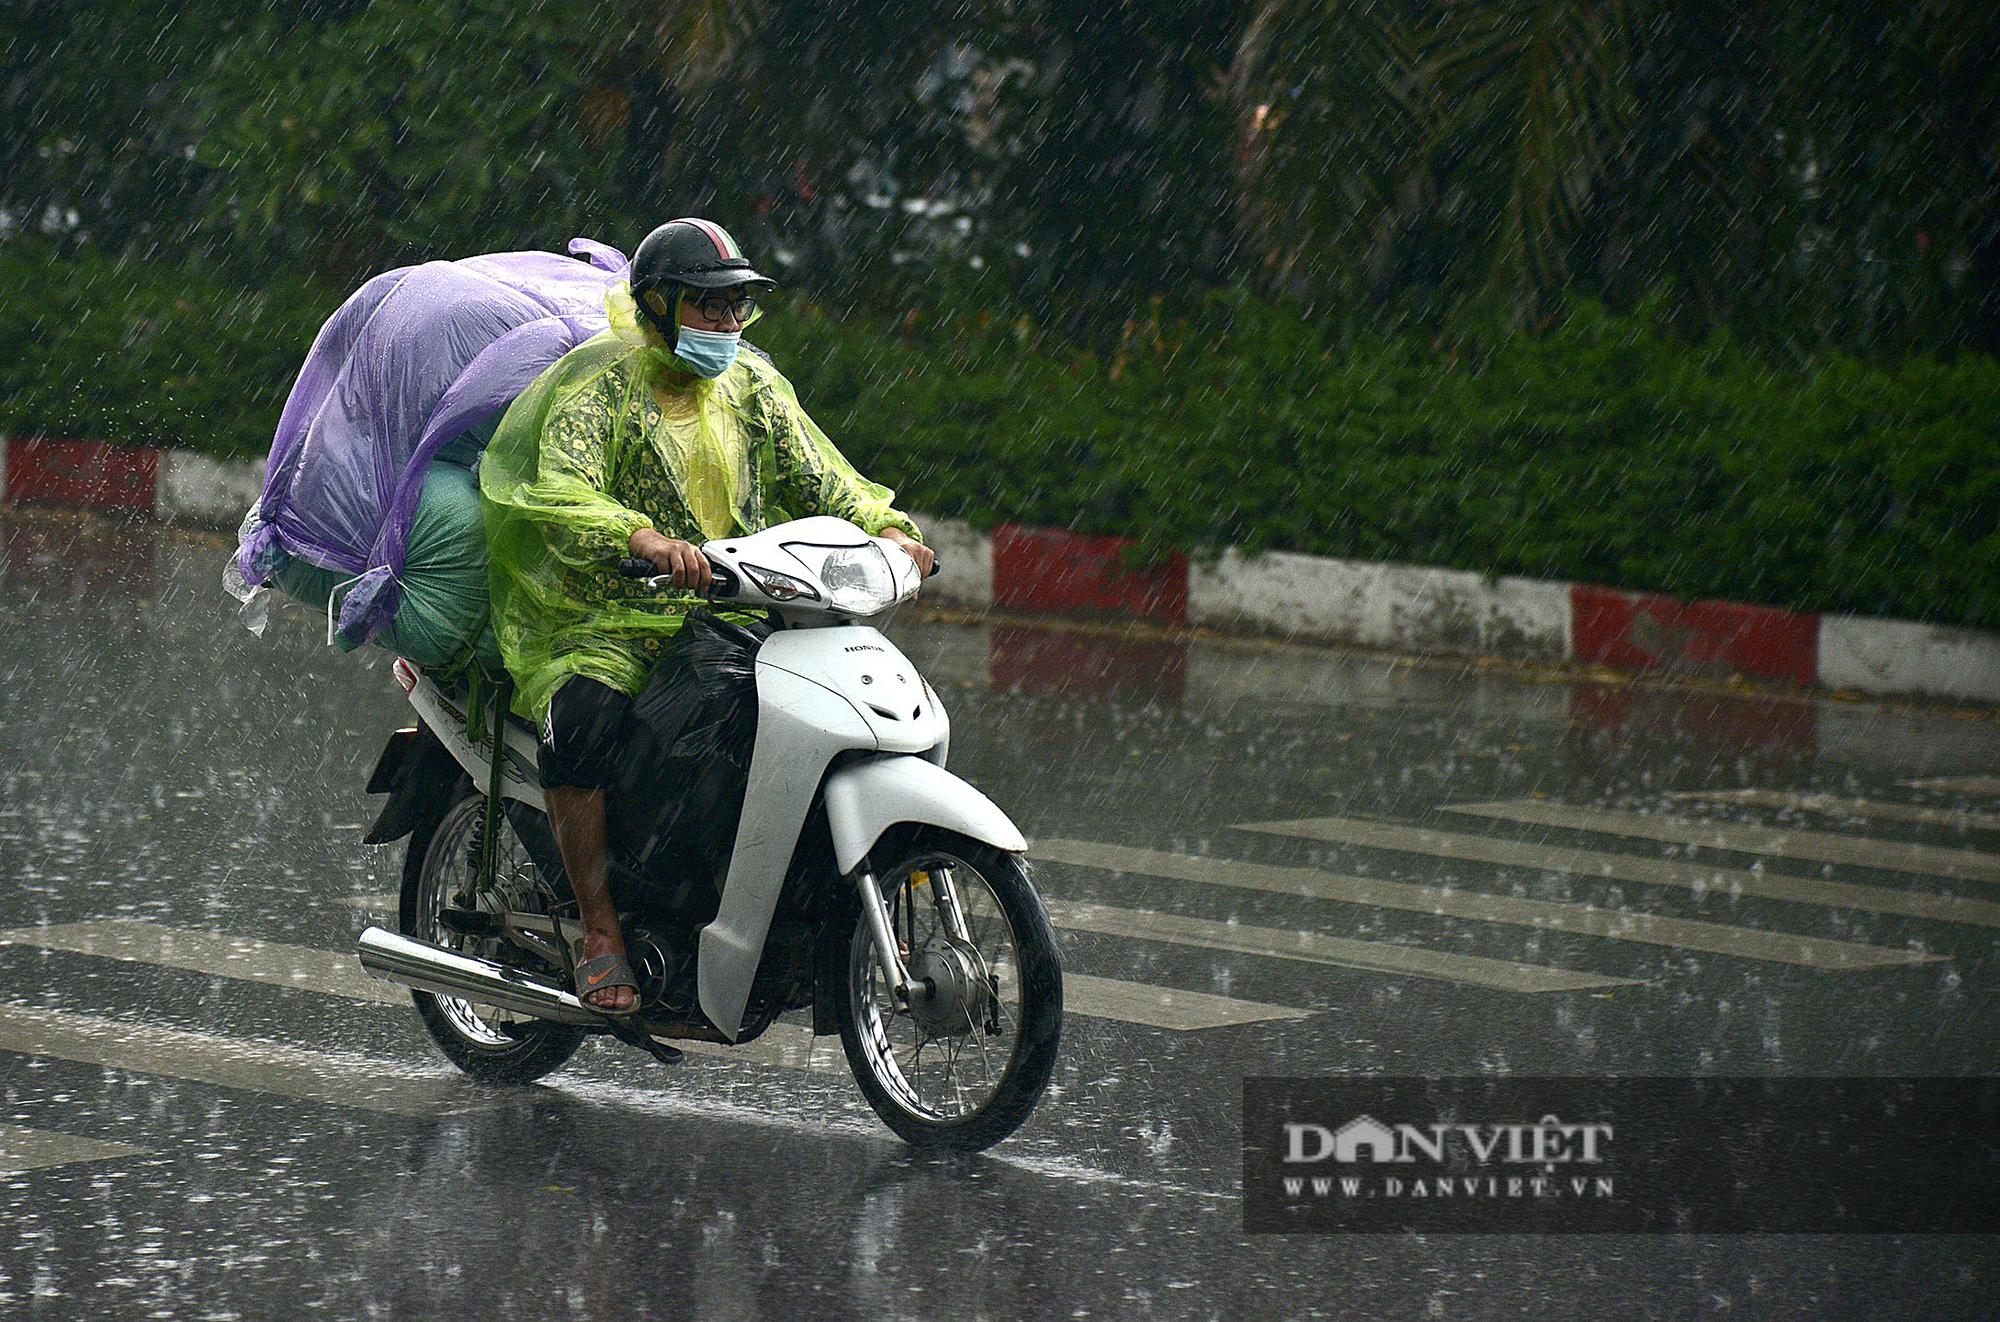 Bầu trời Hà Nội mưa liên tiếp, thời tiết mát mẻ sau nhiều ngày nắng nóng gần 40 độ C - Ảnh 8.